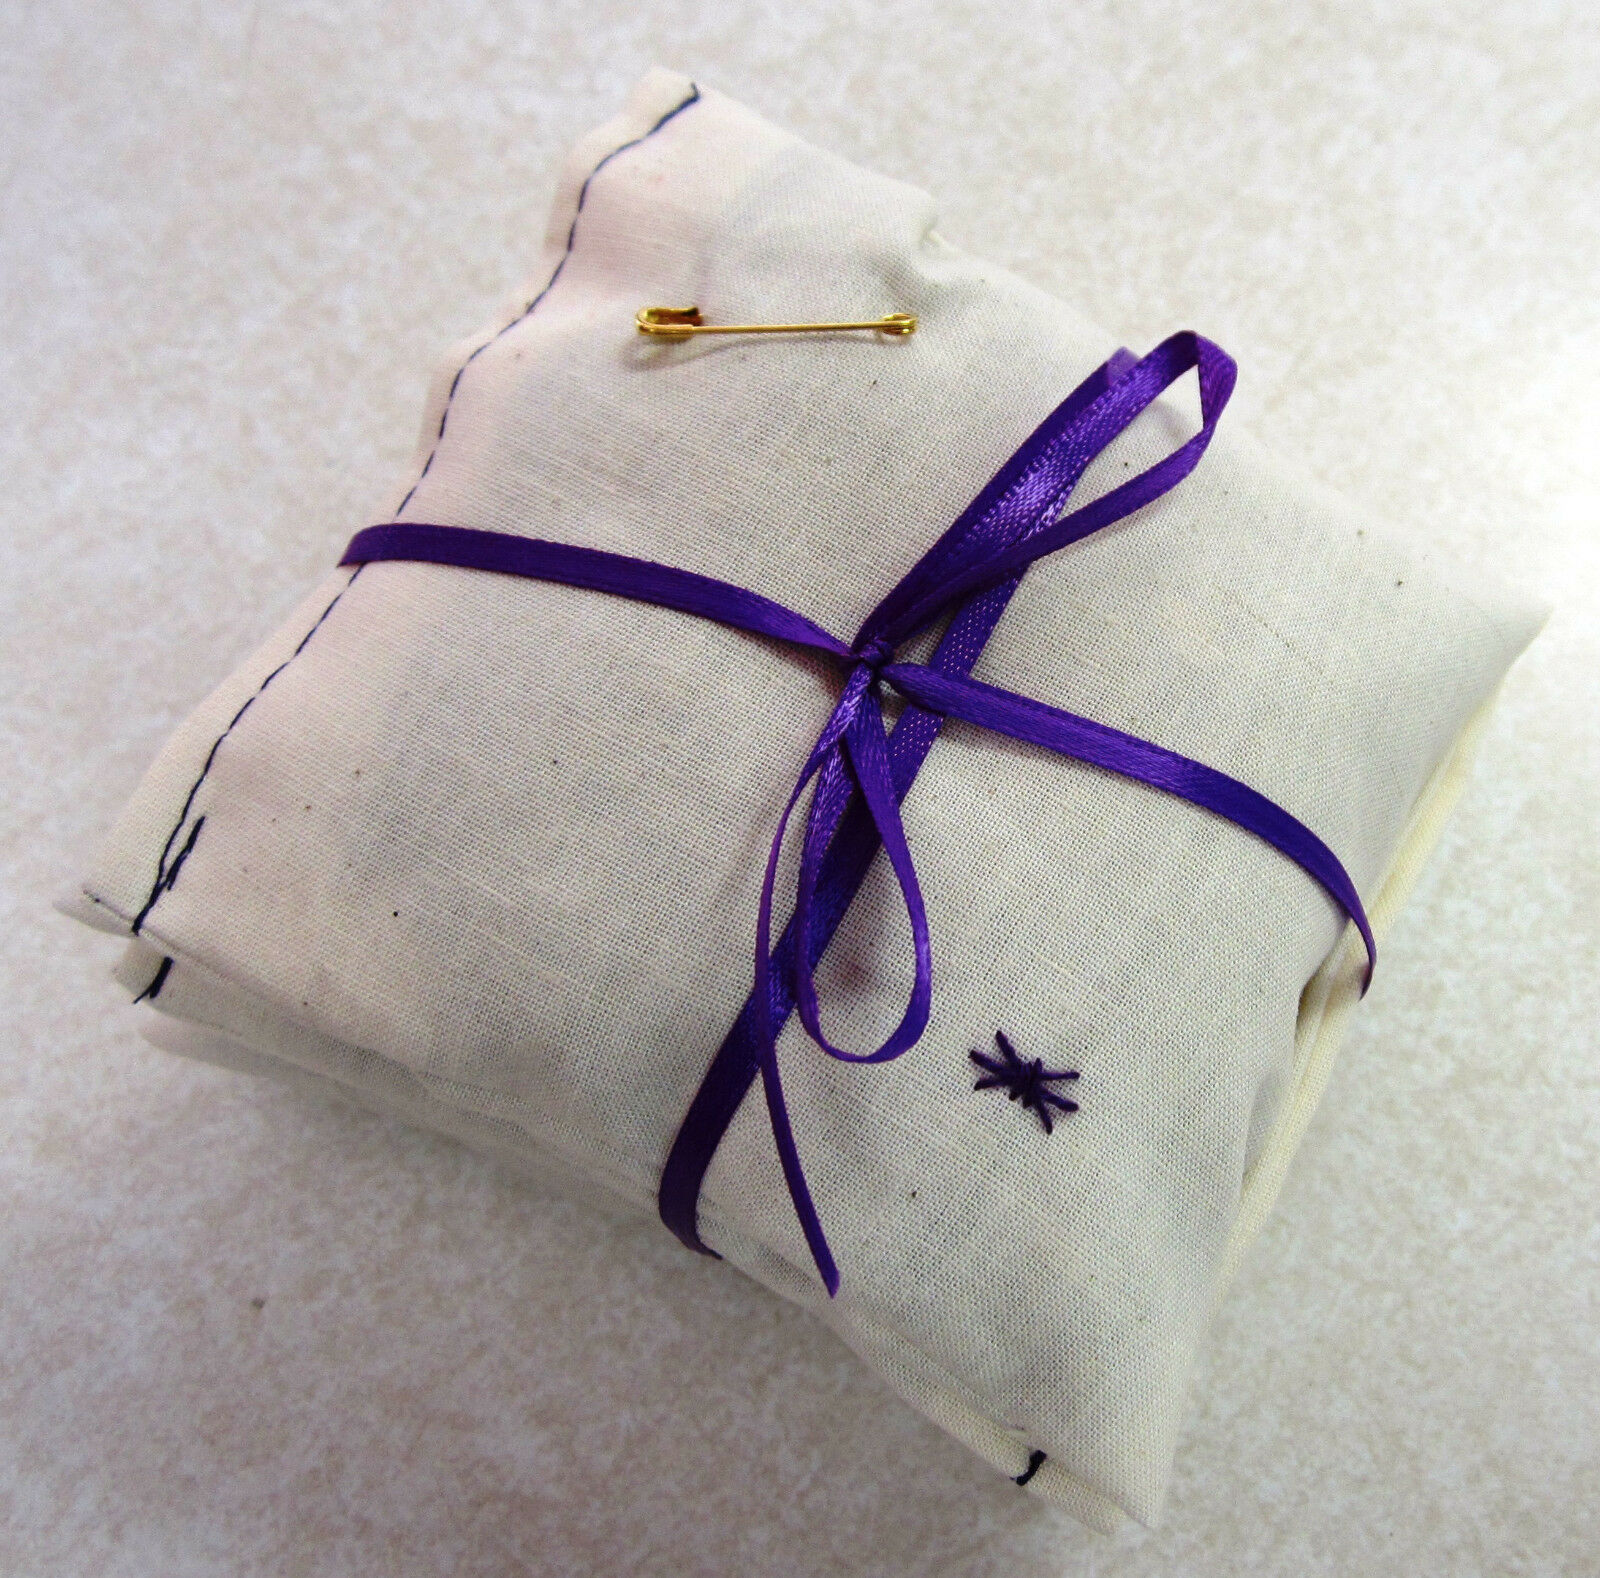 Set of 4 Sets of 4 Reusable Muslin Lavender Dryer Sachets